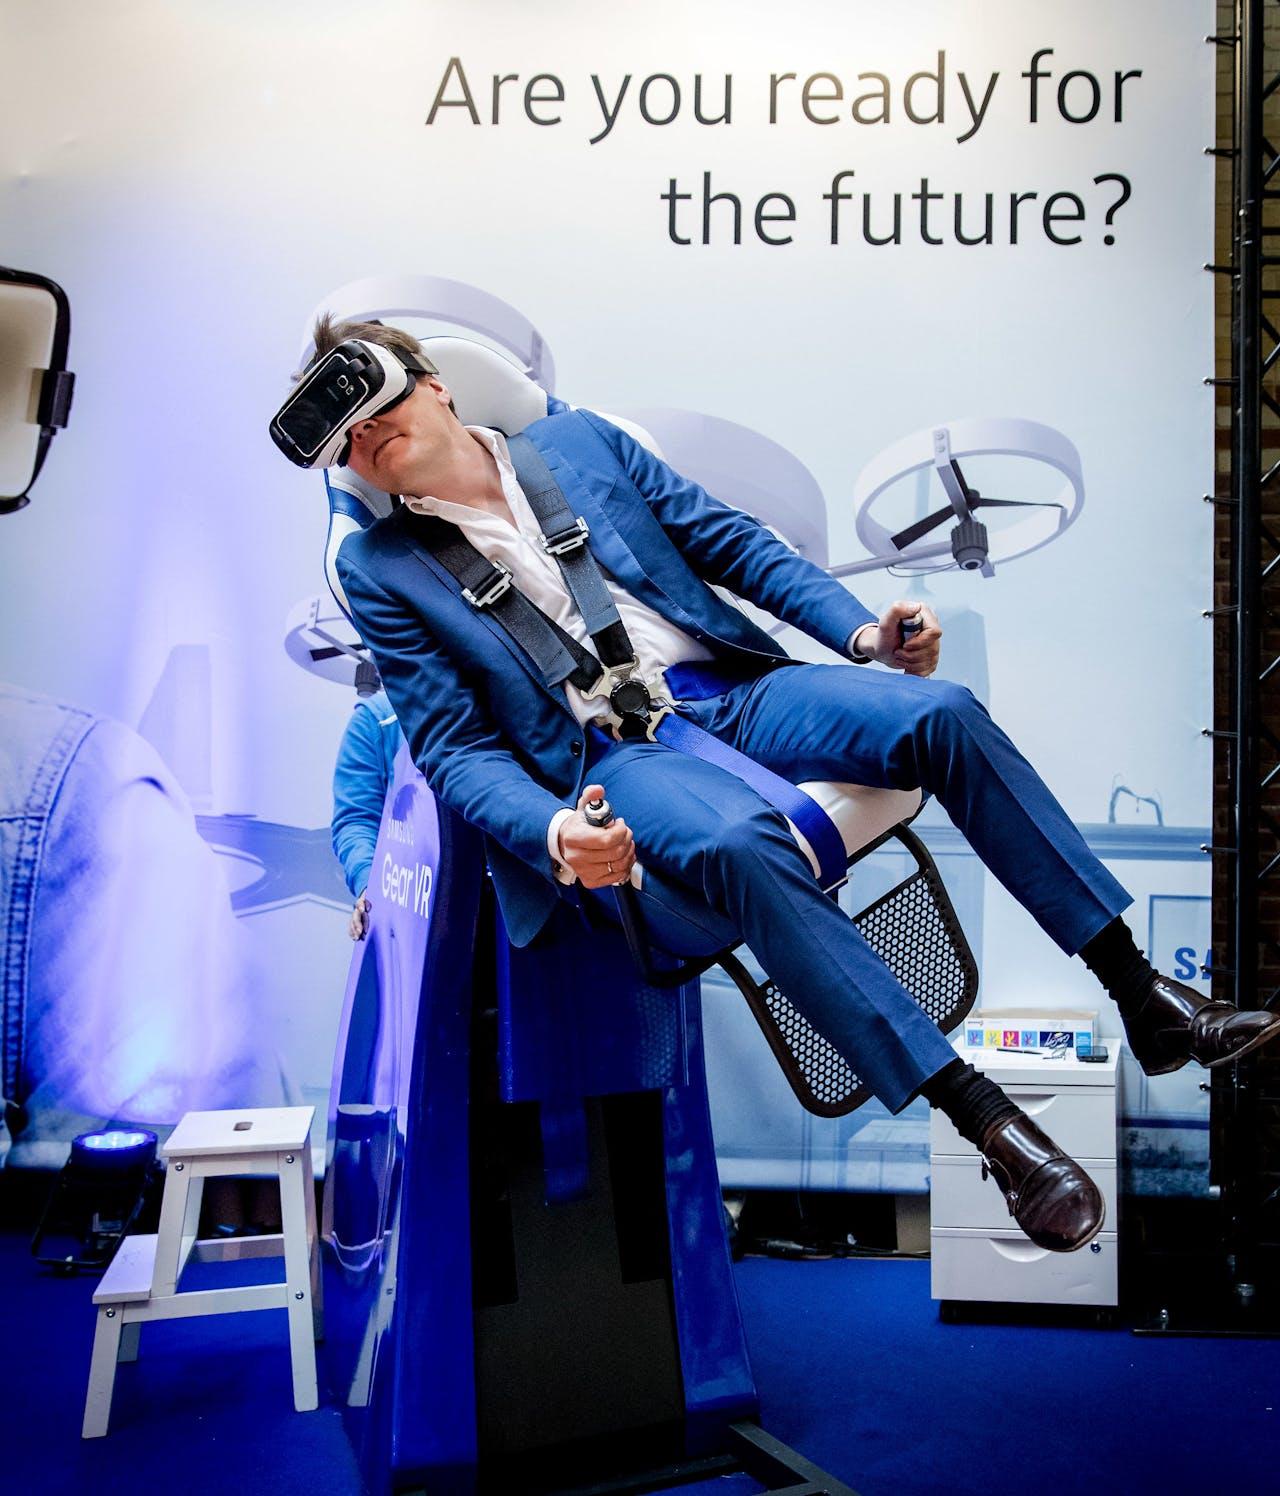 2016-05-24 09:29:41 AMSTERDAM - Prins Constantijn bij Startup Fest Europe in de Beurs van Berlage. Dit evenement staat in het teken van innovatie en nieuwe producten en diensten. ANP ROBIN VAN LONKHUIJSEN